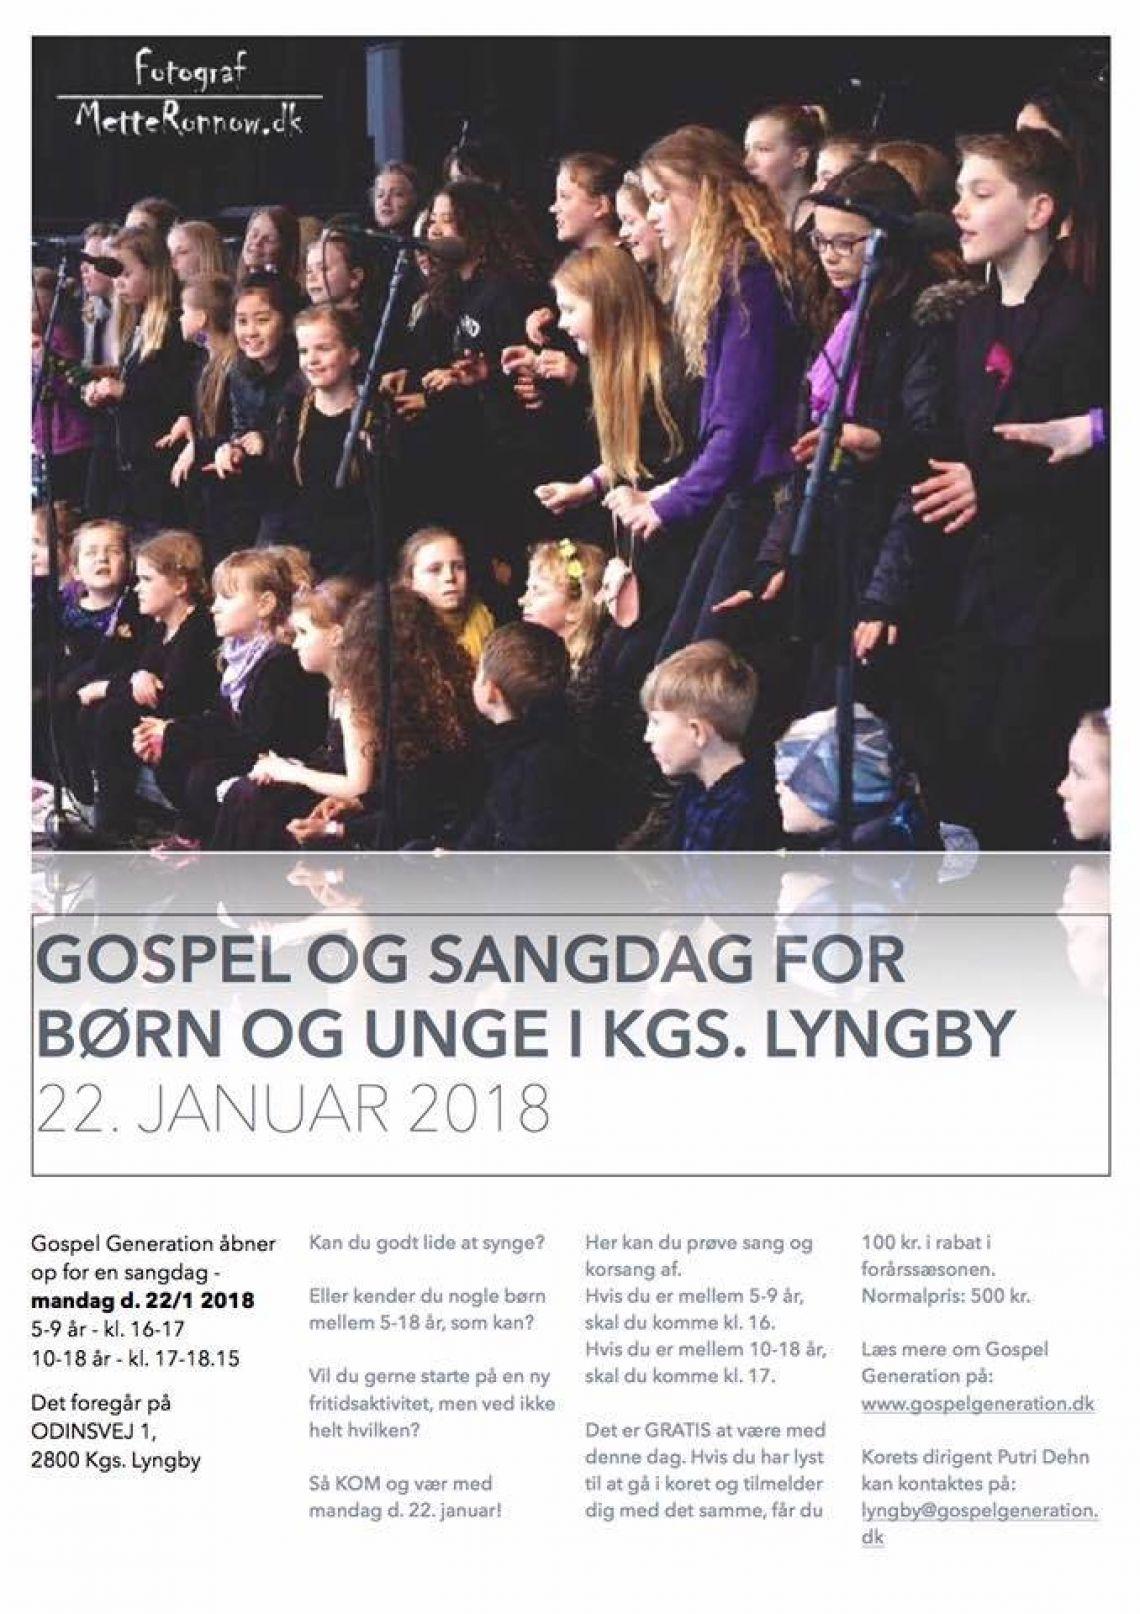 Gospelsangdag for børn og unge